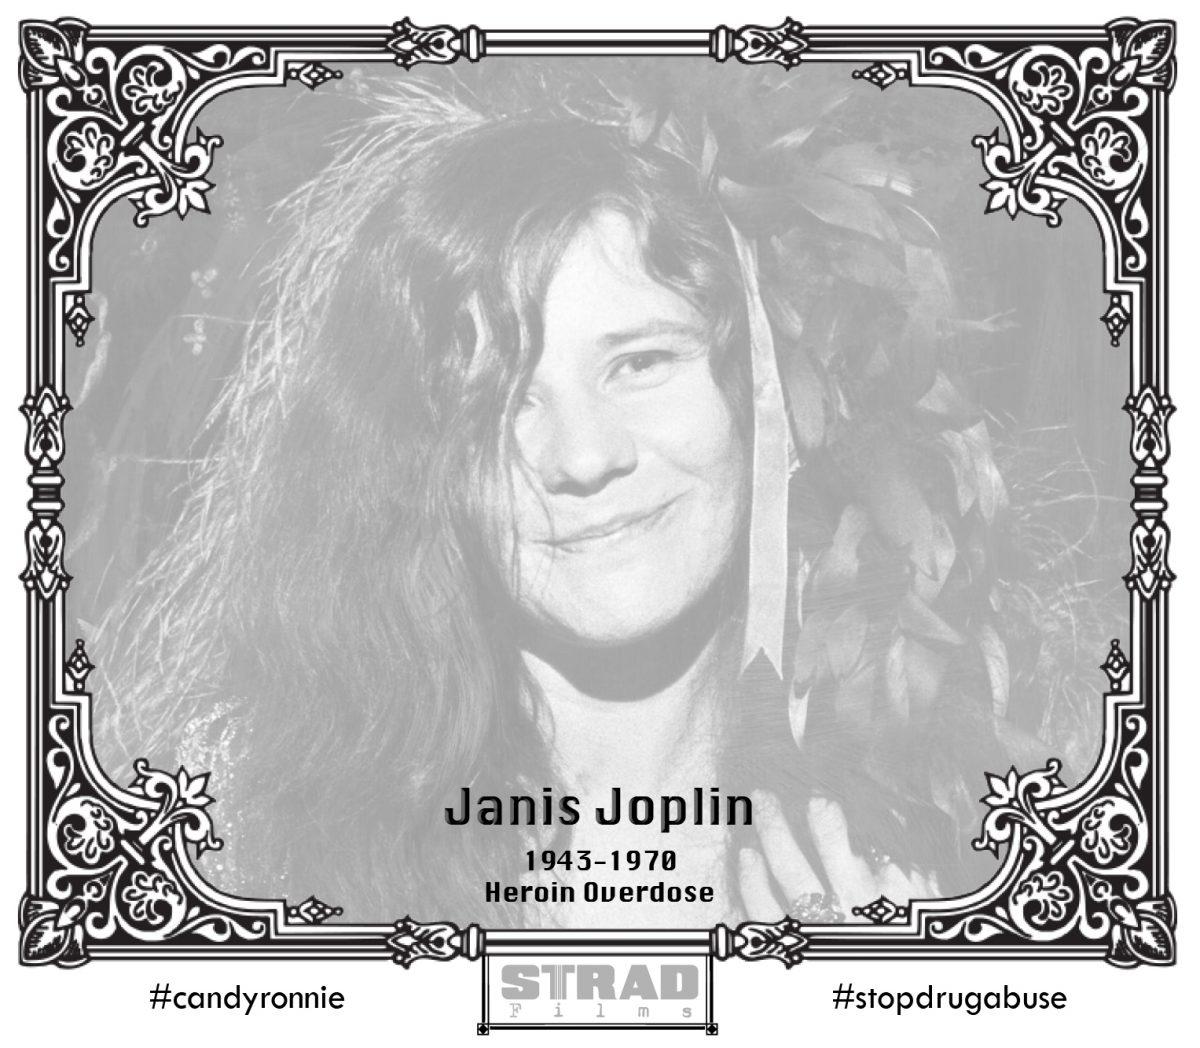 Janis_Joplin_singer